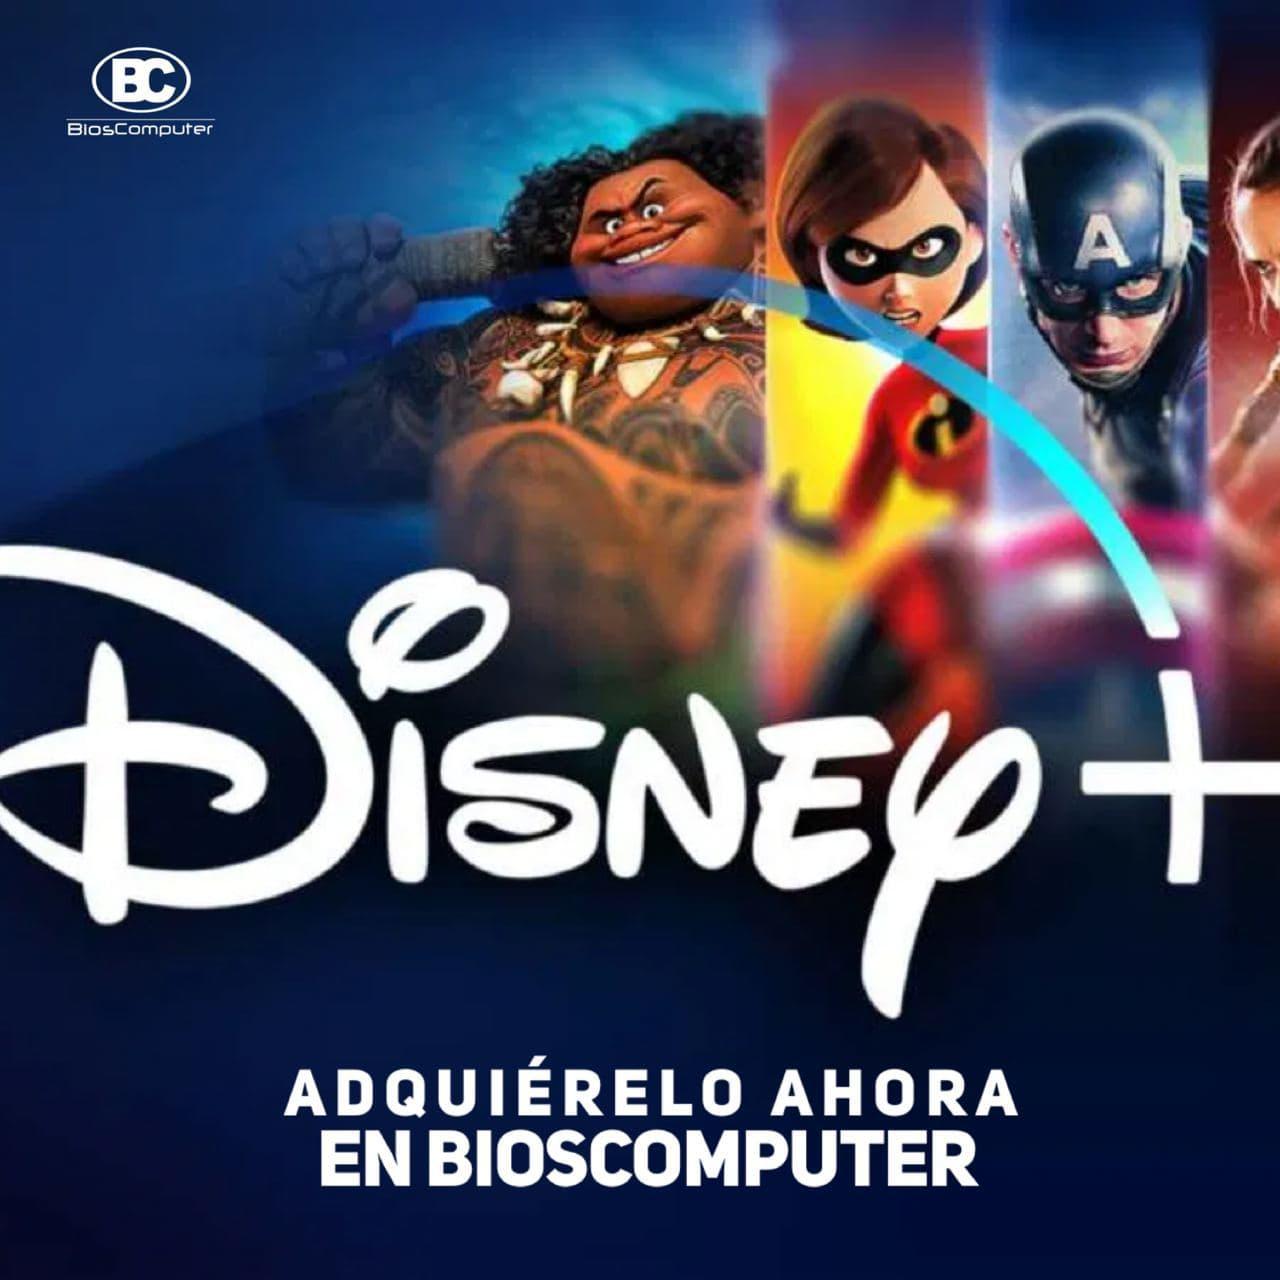 Disney+ Adquiérelo Ahora